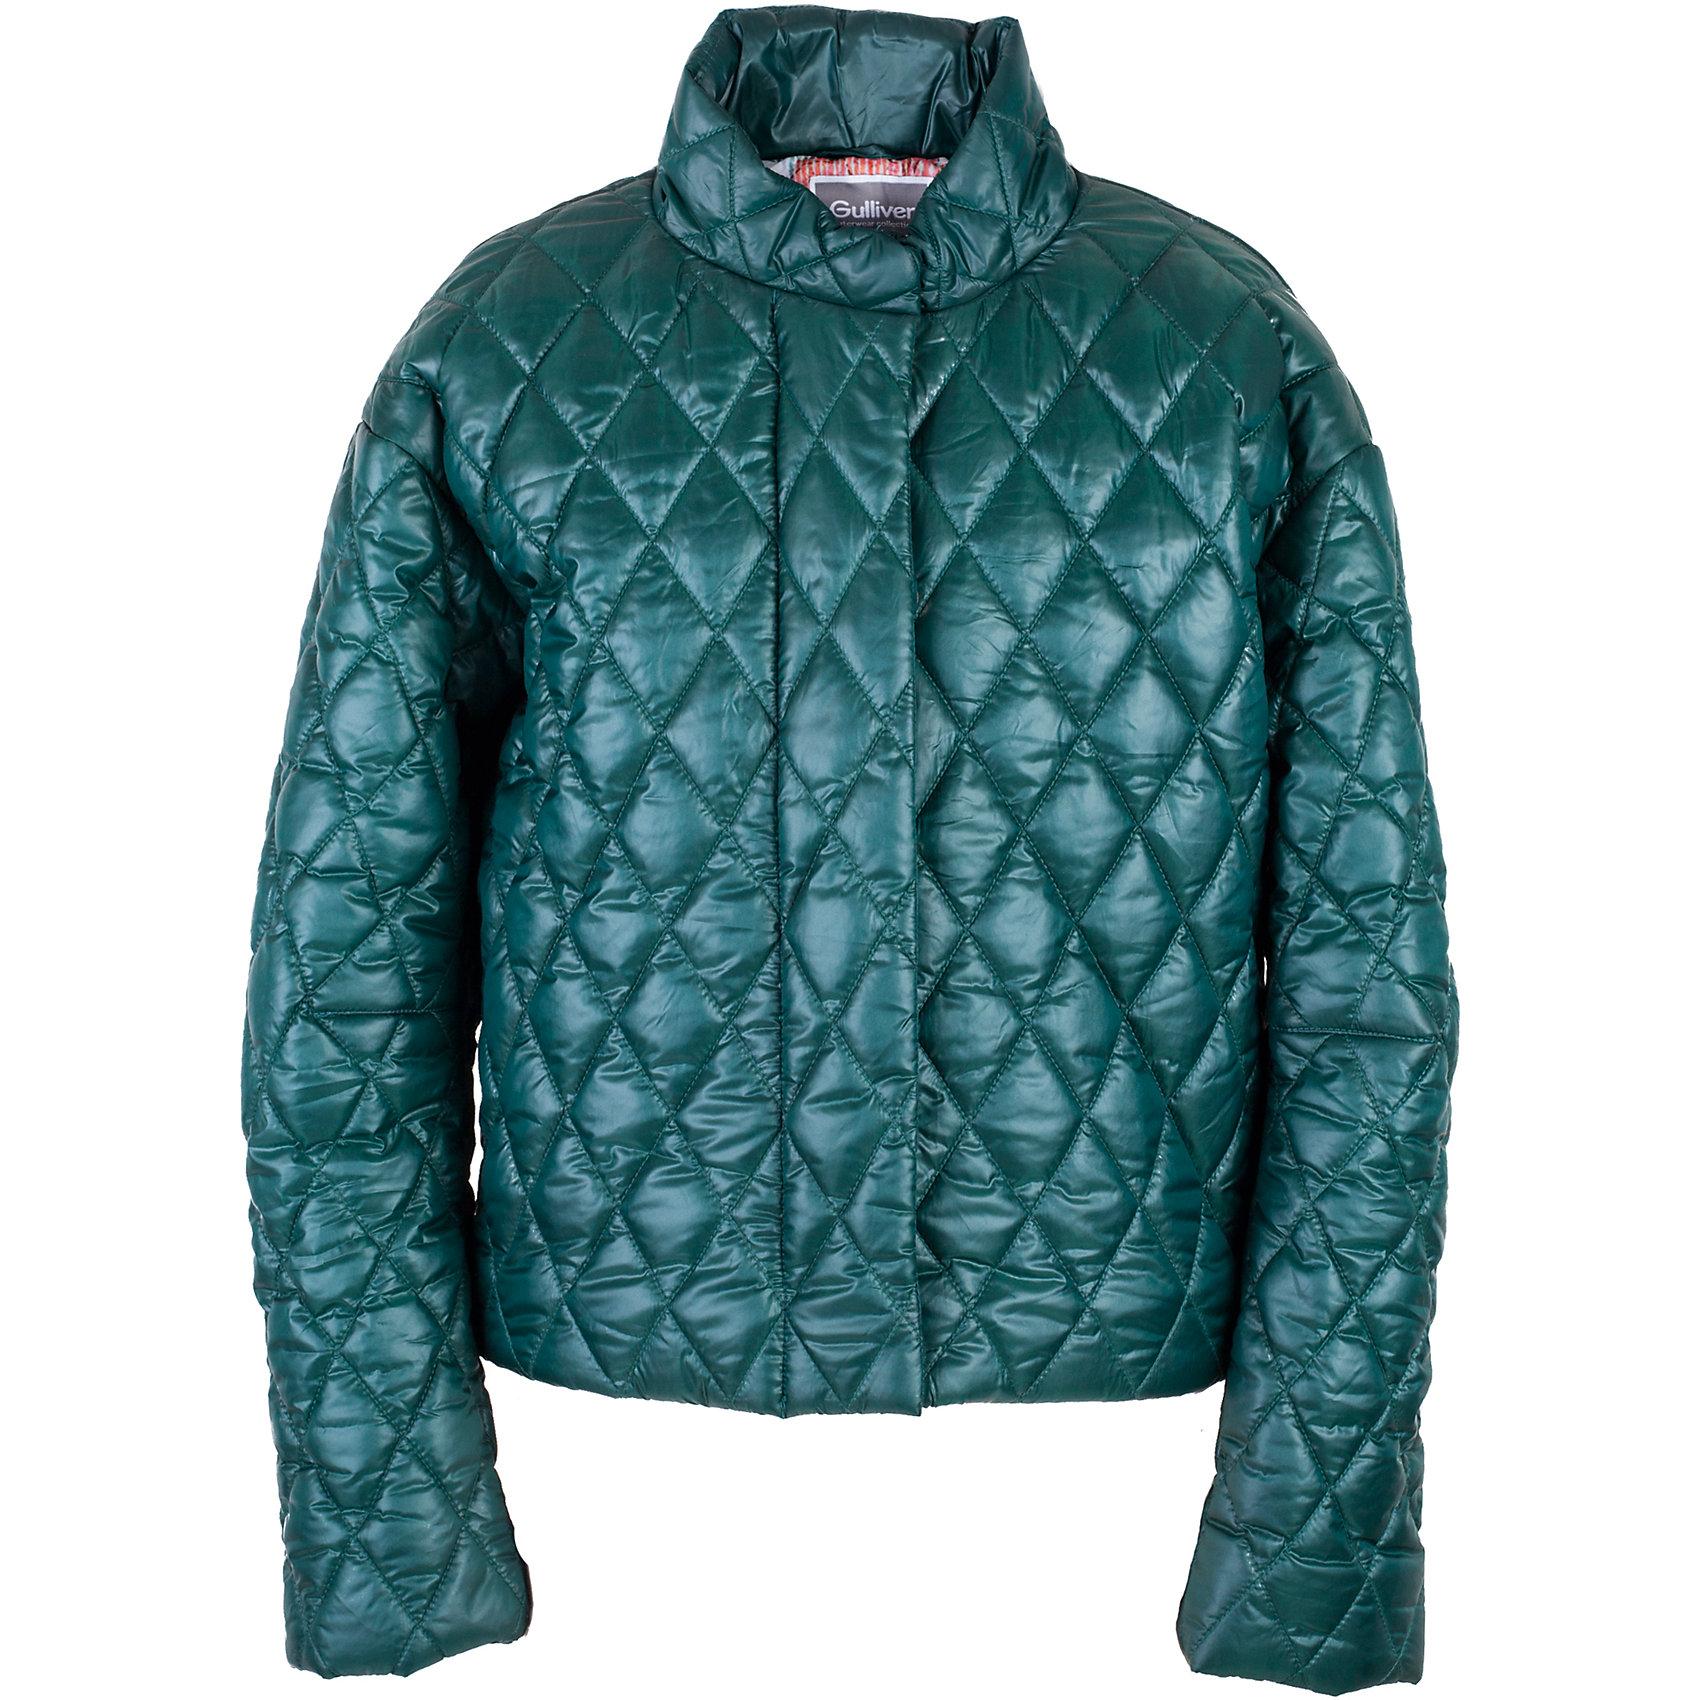 Куртка для девочки GulliverВерхняя одежда<br>Прошли времена, когда детская куртка выполняла исключительно функциональную роль. Сейчас изделию недостаточно быть только удобным и теплым. Куртка для девочки должна быть стильной, элегантной, привлекательной и отражать в полной мере характер и предпочтения своей обладательницы! Именно такая, стеганая зеленая куртка может понравиться юной моднице. Если вы предпочитаете сформировать весенний гардероб ребенка из современных интересных вещей, вам стоит купить детскую куртку из коллекции Коста-Рика! В этой куртке вашему ребенку гарантирован прекрасный внешний вид, соответствие модным трендам, а также тепло, комфорт и свобода движений.<br>Состав:<br>верх:  60% полиэстер 40% нейлон; подкладка:  100% полиэстер; утеплитель:  100% полиэстер<br><br>Ширина мм: 356<br>Глубина мм: 10<br>Высота мм: 245<br>Вес г: 519<br>Цвет: зеленый<br>Возраст от месяцев: 120<br>Возраст до месяцев: 132<br>Пол: Женский<br>Возраст: Детский<br>Размер: 146,164,158,152<br>SKU: 5483135